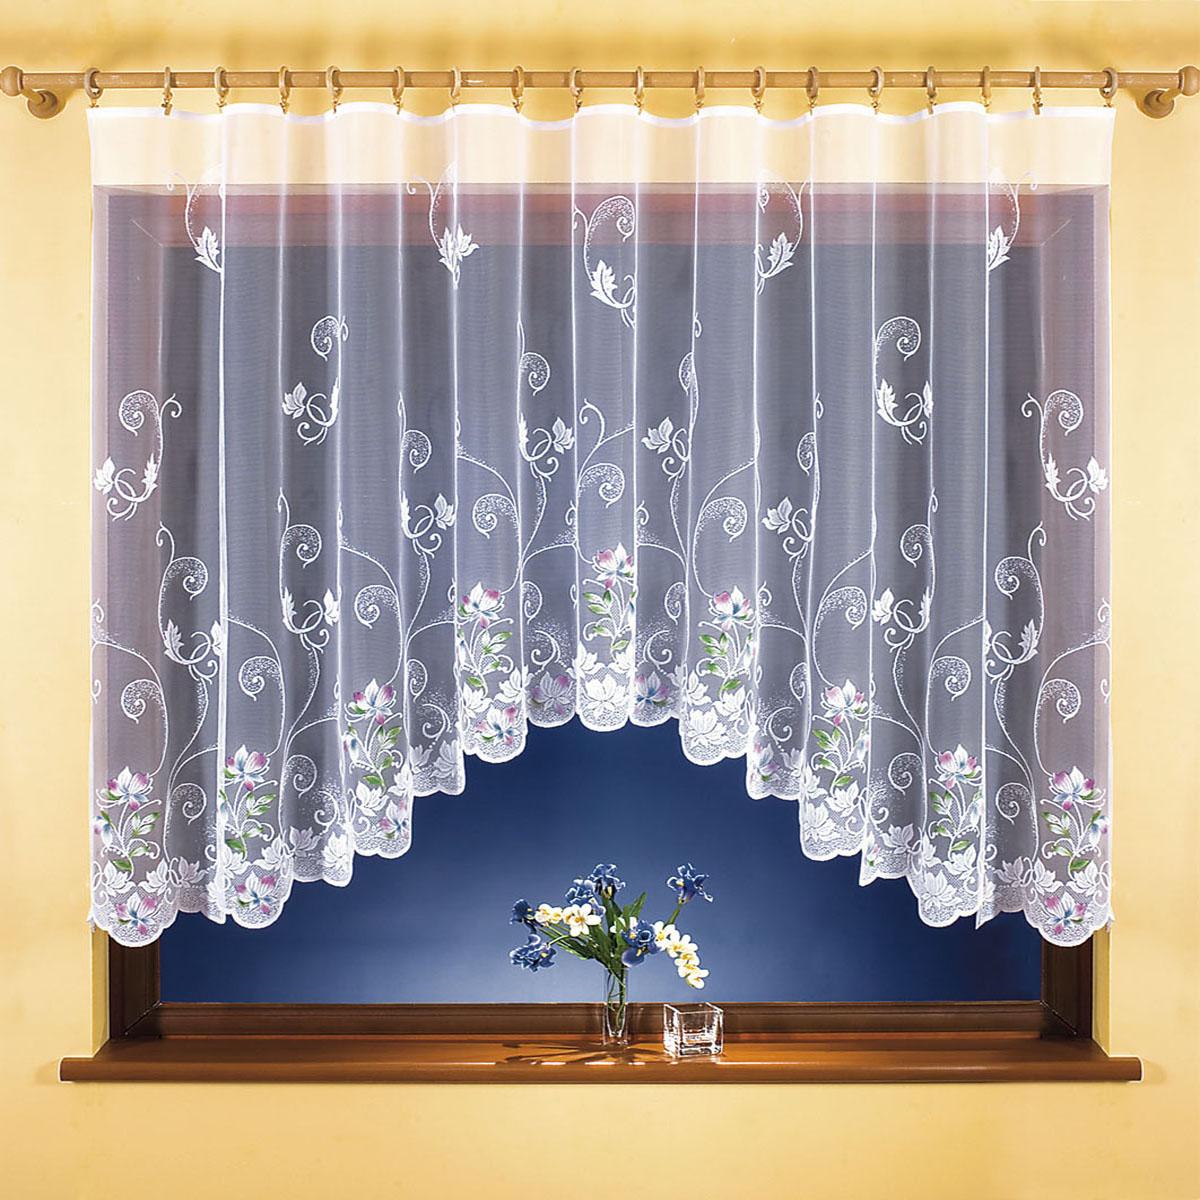 Гардина Wisan, цвет: белый, ширина 300 см, высота 150 см. 98329832вид крепления - под зажимы для штор Размеры: ширина 300*высота 150